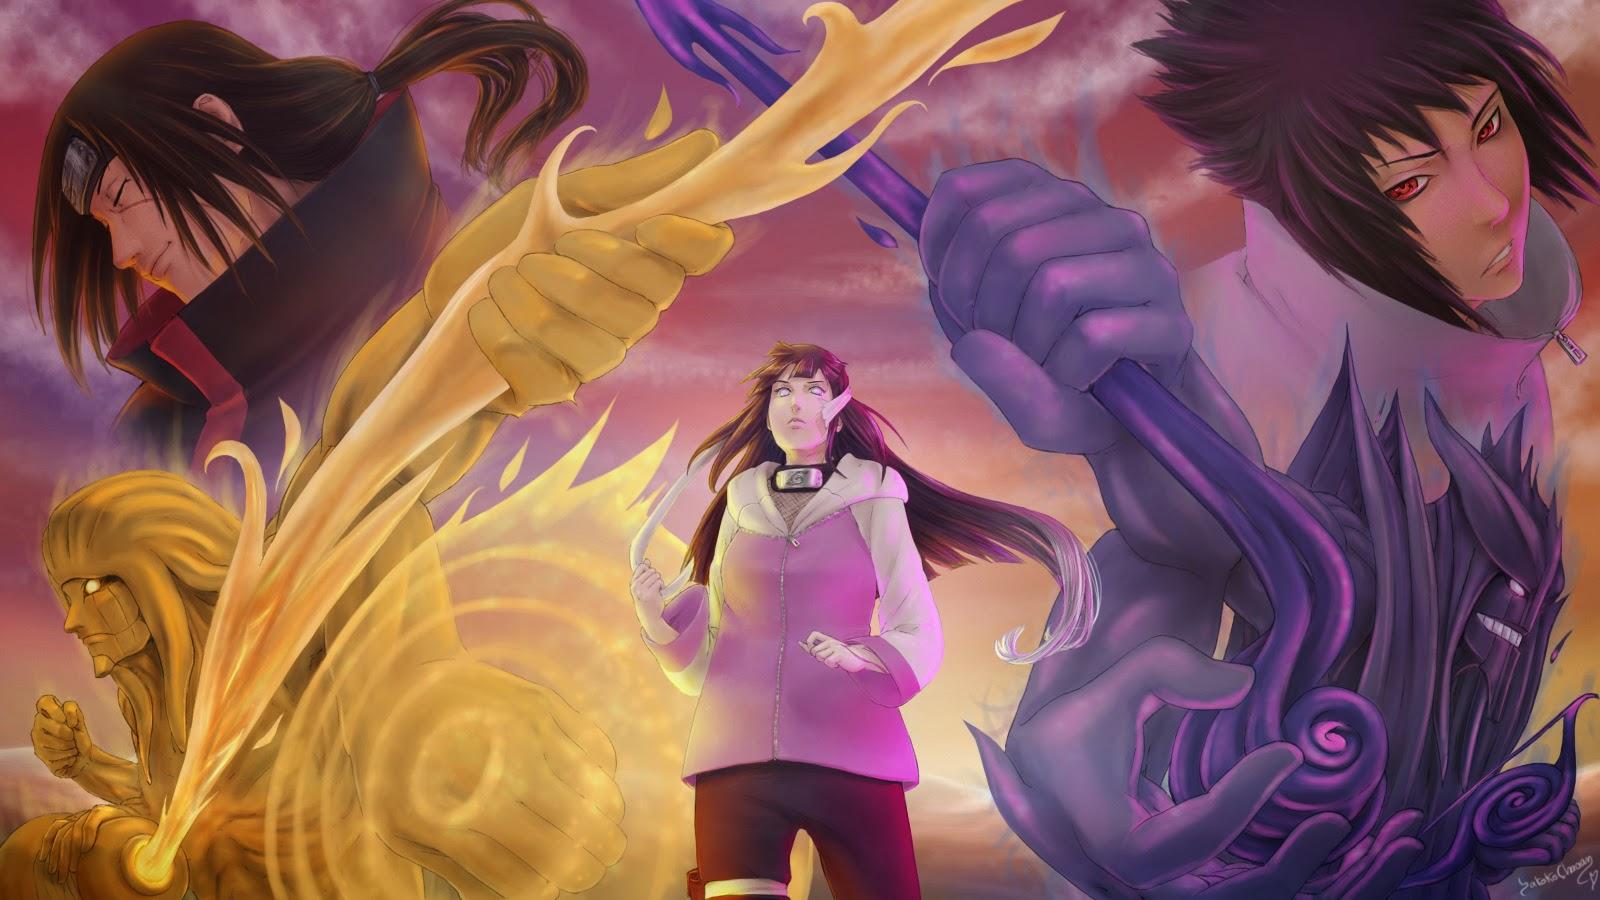 Susanoo Madara Uchiha Naruto HD Wallpaper More Anime Wallpaper